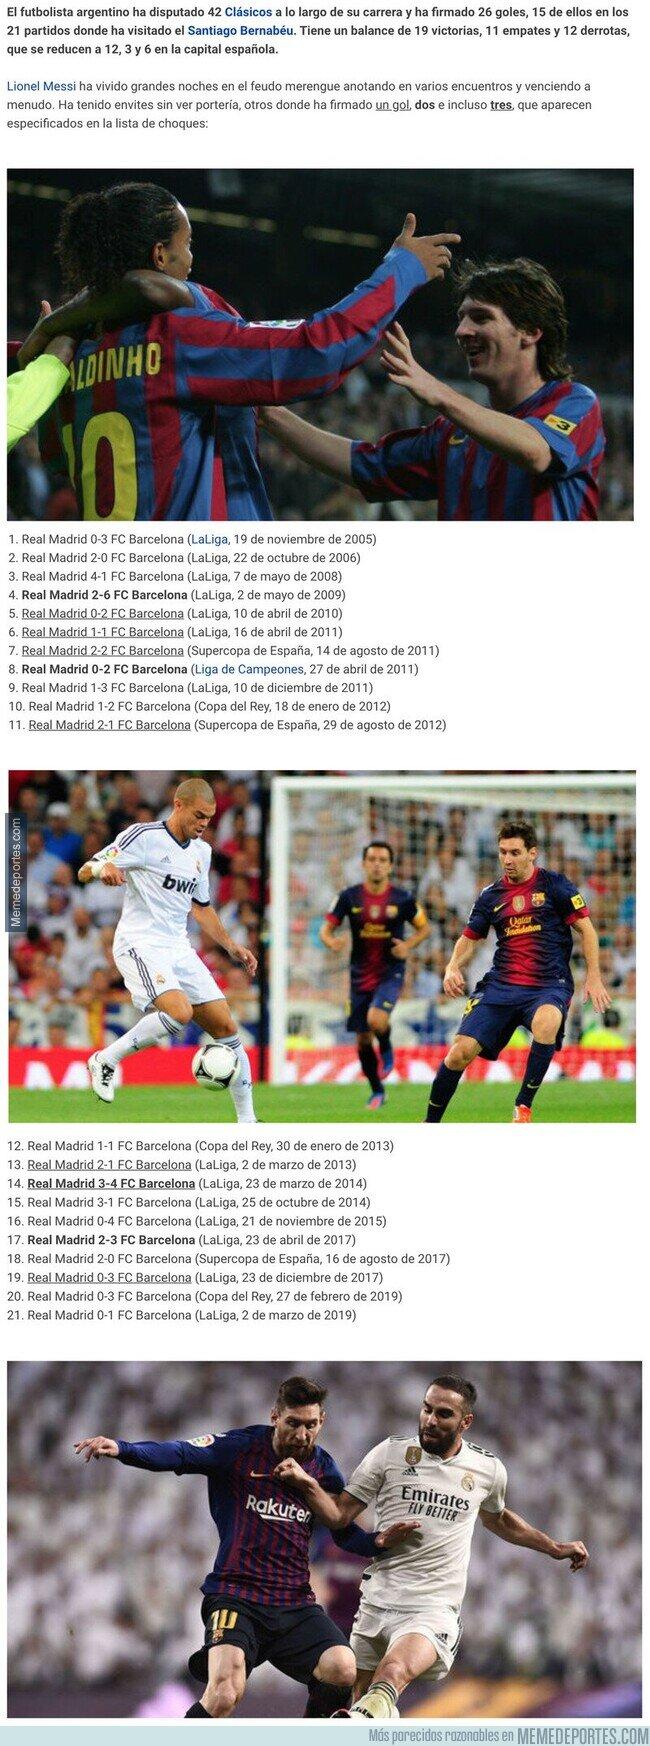 1099518 - La estadística definitiva que confirma a Messi como el auténtico Rey de los Clásicos